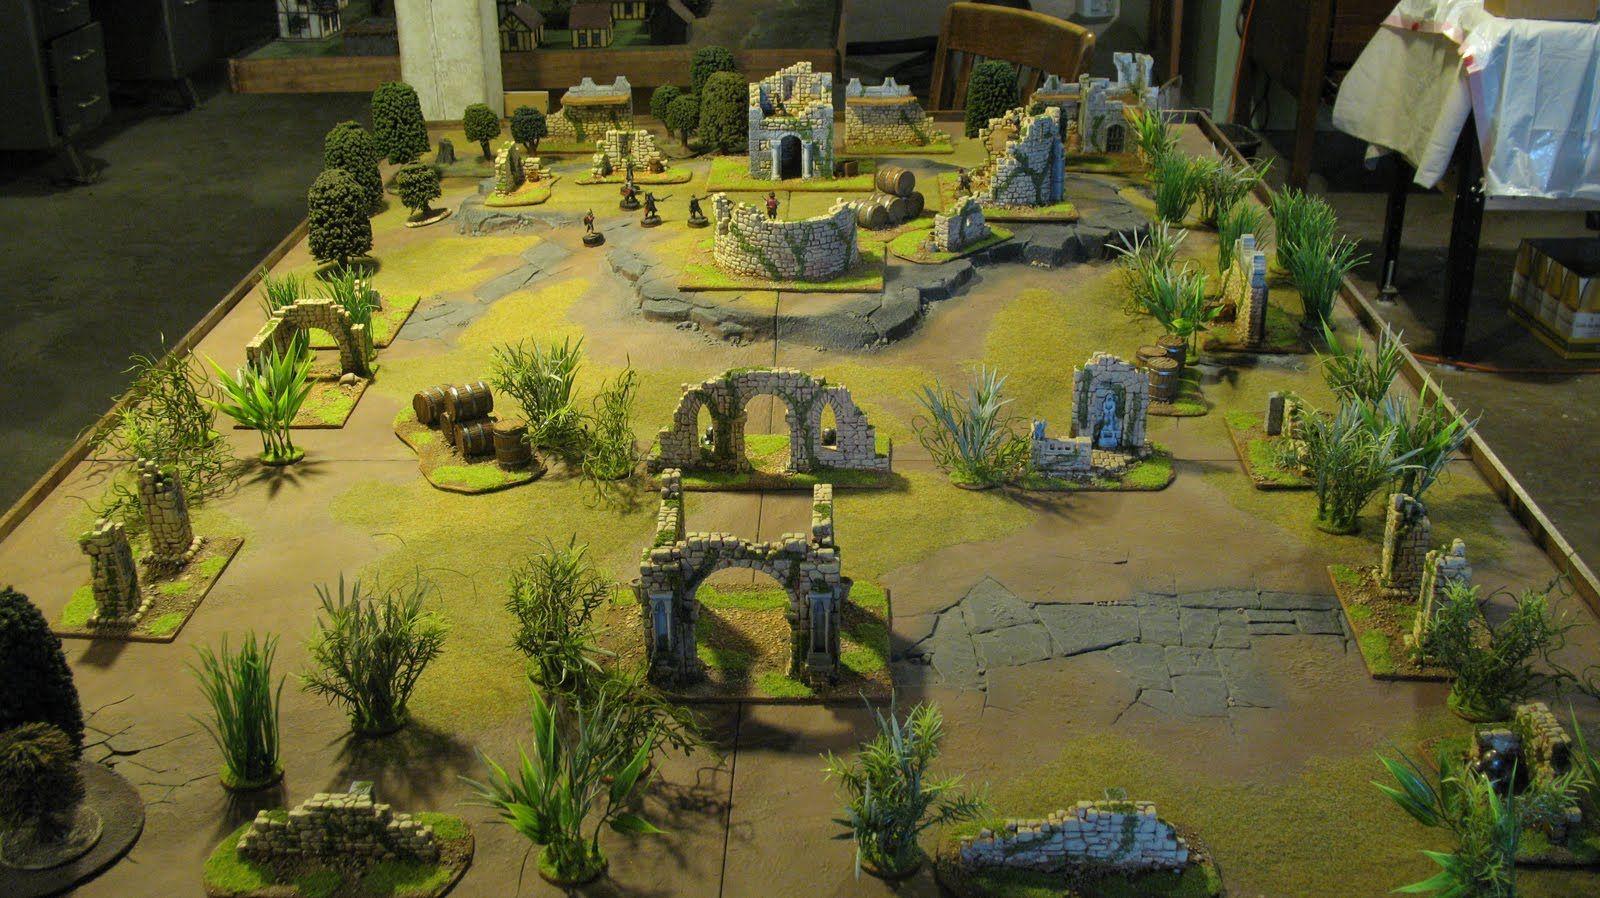 warhammer fantasy forest Warhammer Pinterest Fantasy